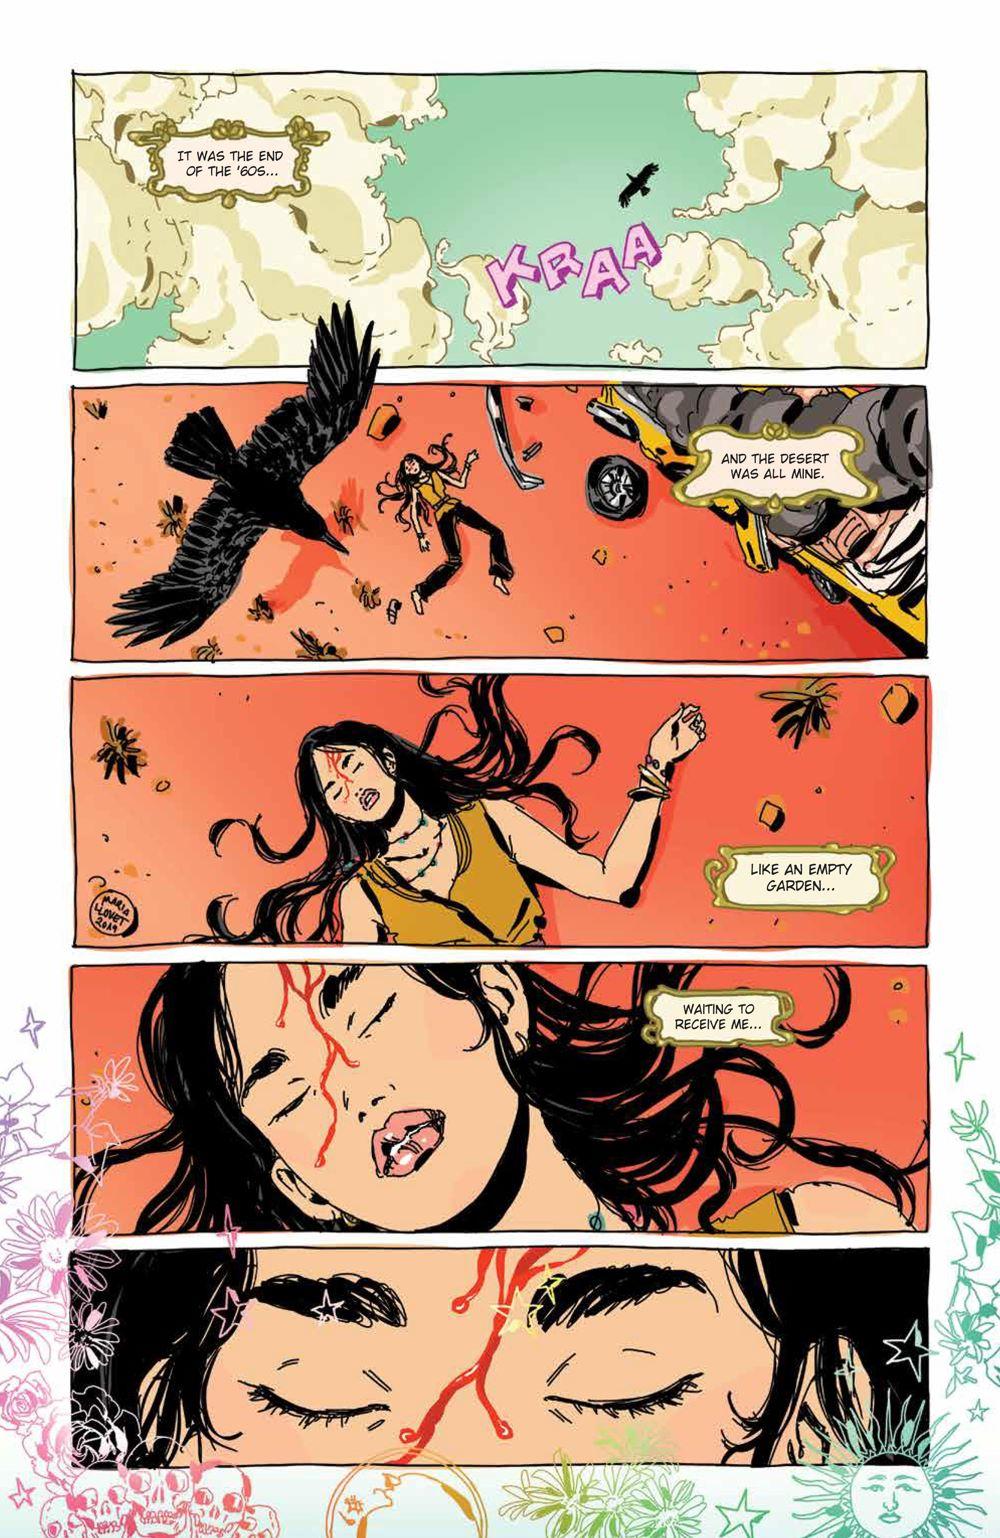 Luna_001_PRESS_3 ComicList Previews: LUNA #1 (OF 5)